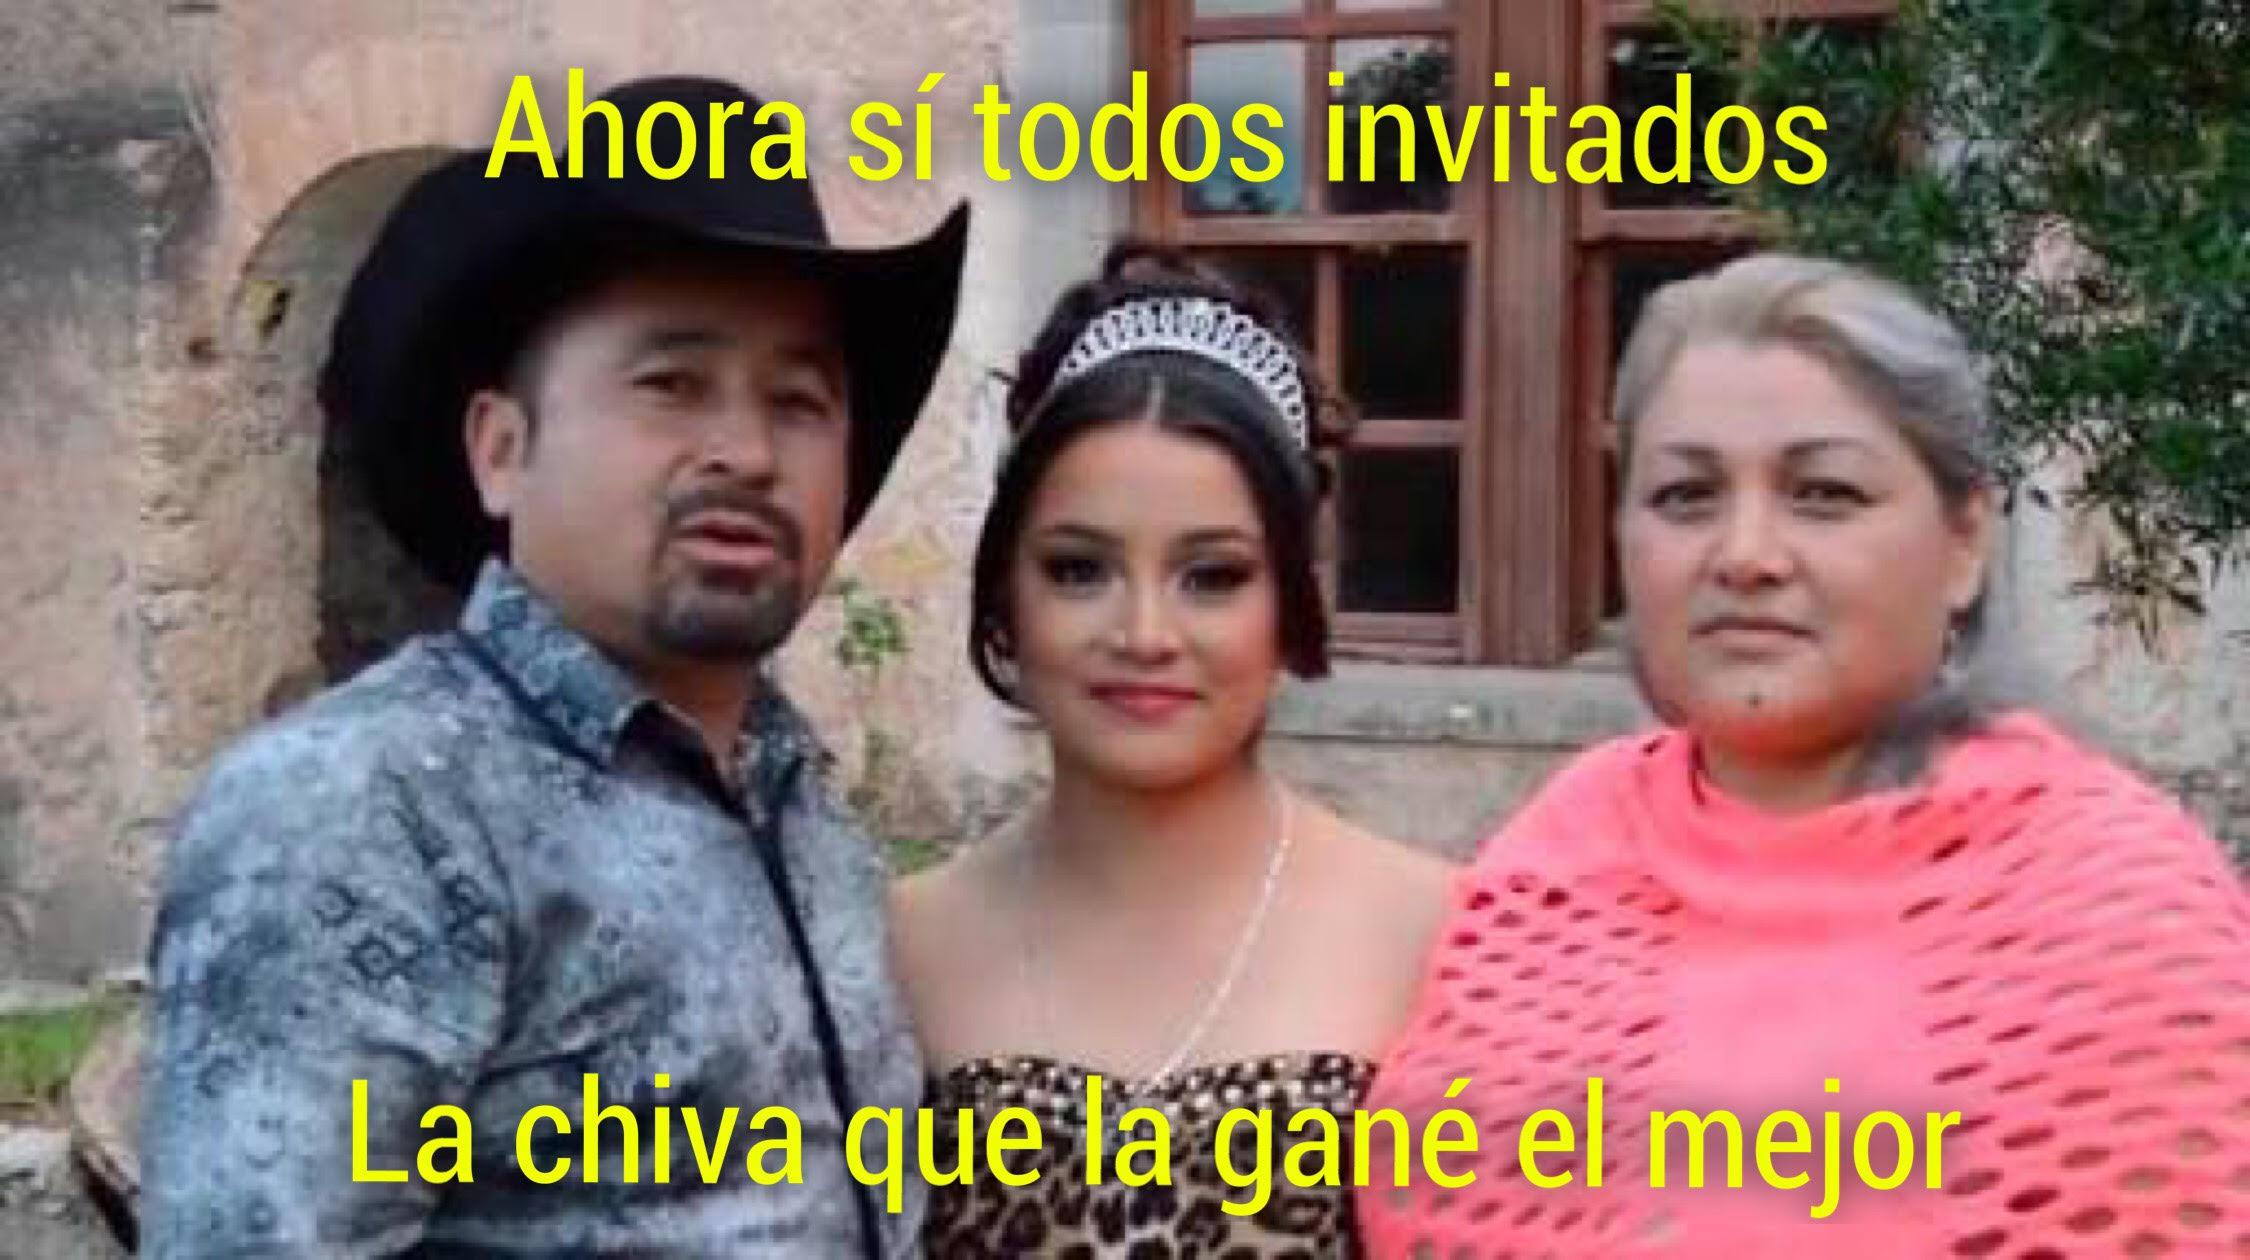 Estamos invitados a los XV de Rubí: Siempre sí se hace el guateque